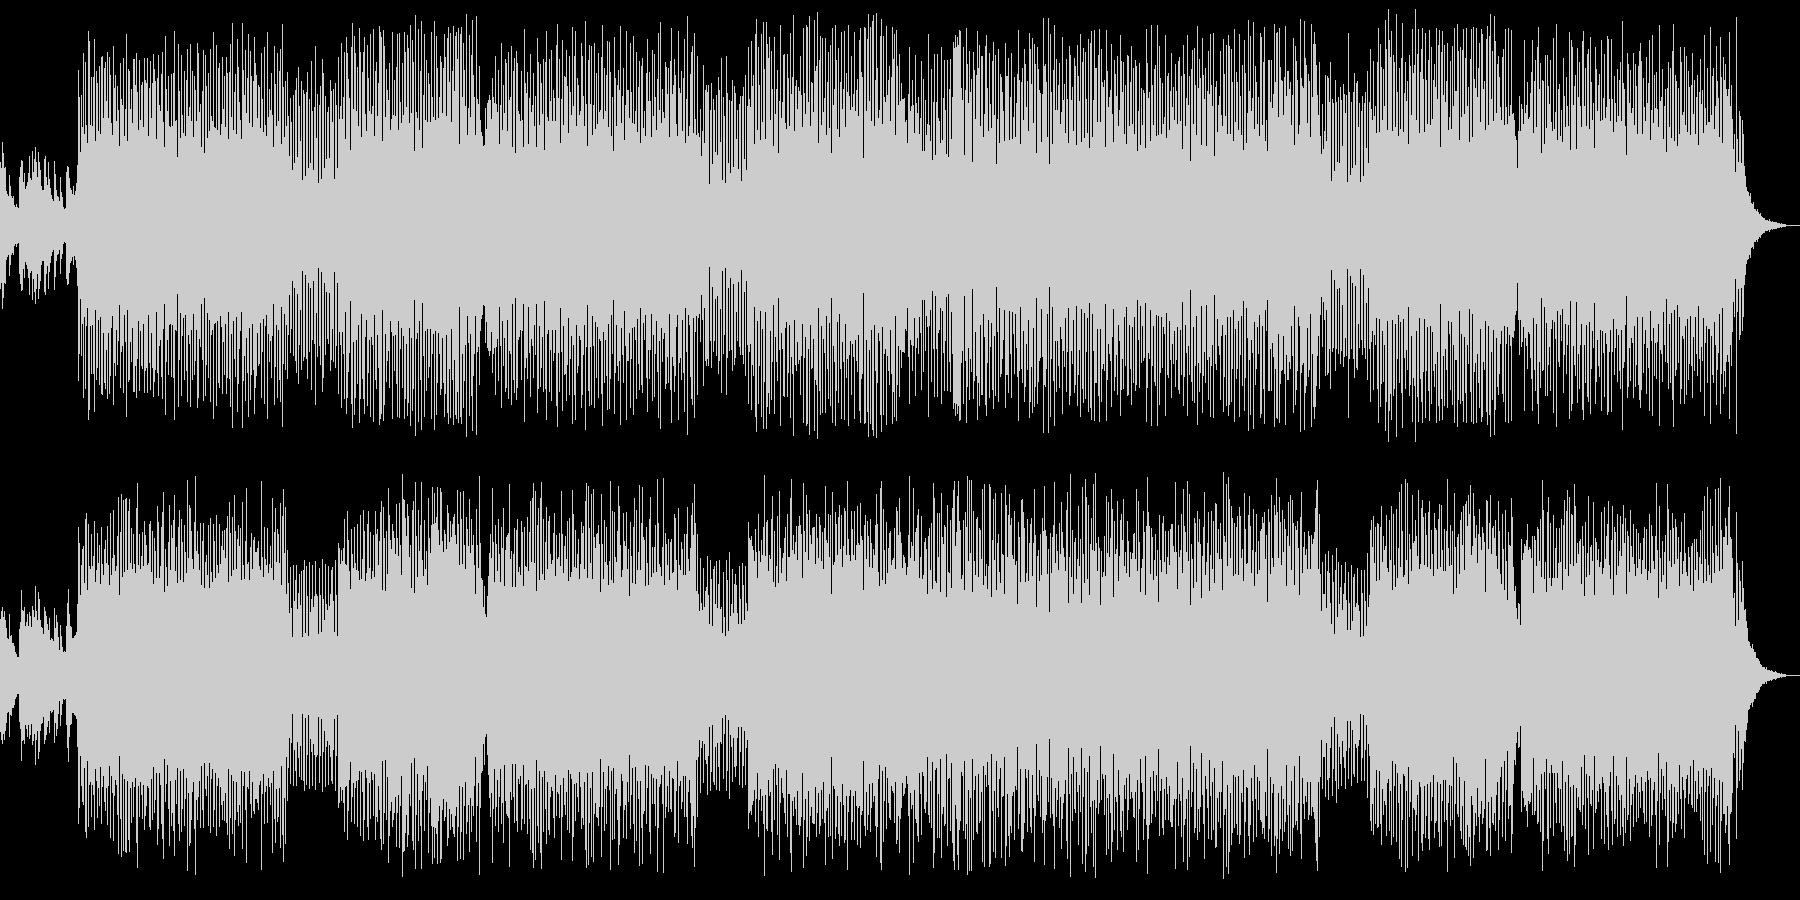 モダン和風/ReMIX/フル尺の未再生の波形